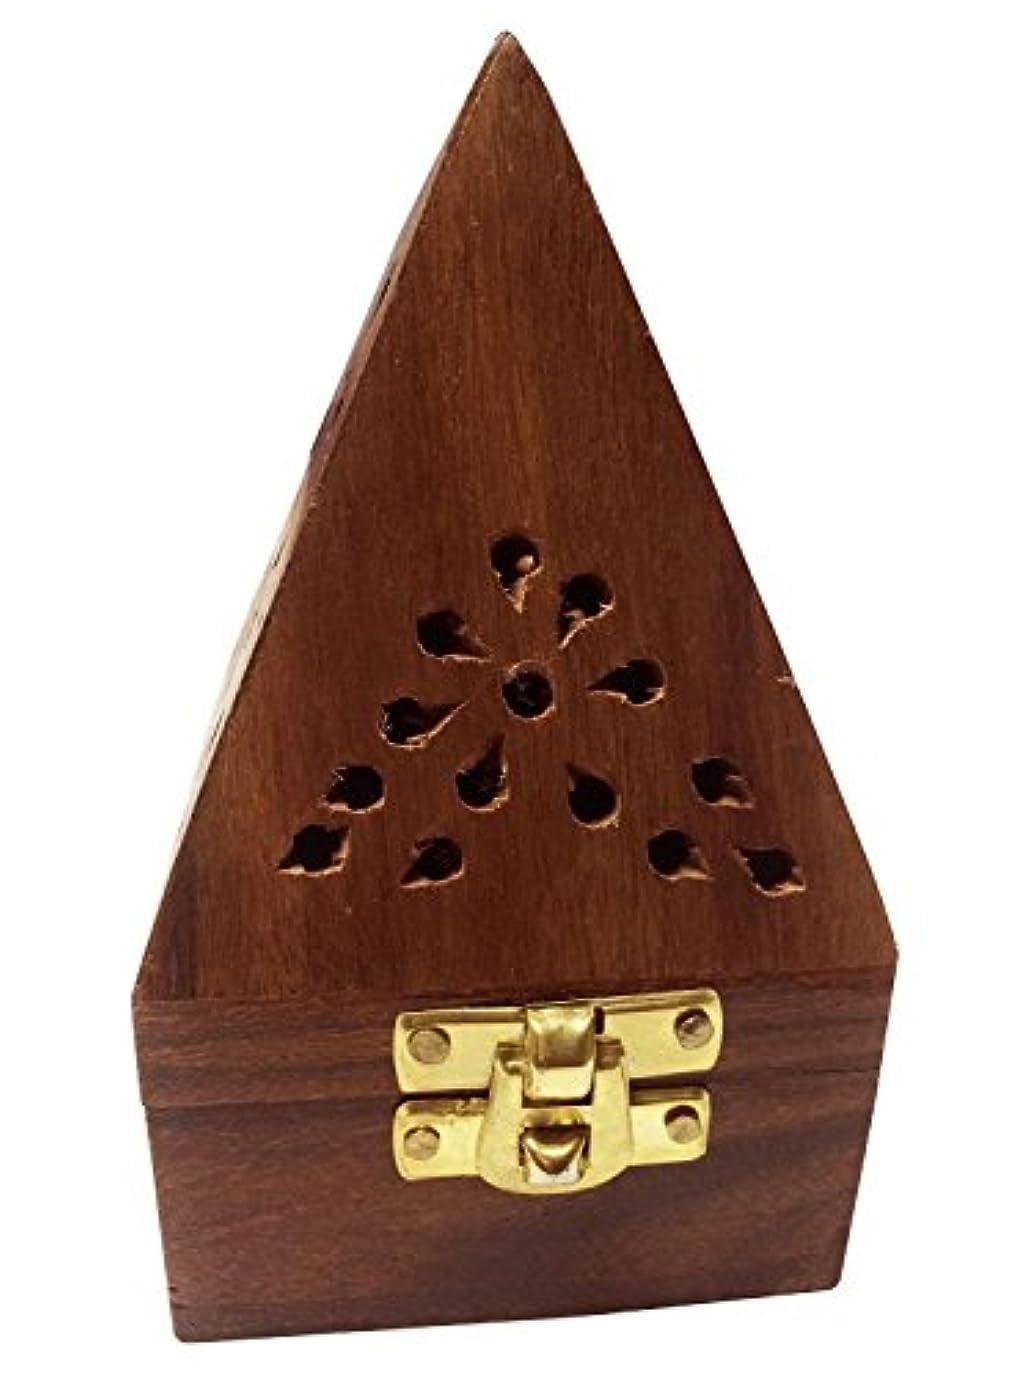 幸福舌噂Wooden Classic Pyramid Style Burner (Dhoop Holder) With Base Square and top Cone Shape,Wooden Incense Burner Box